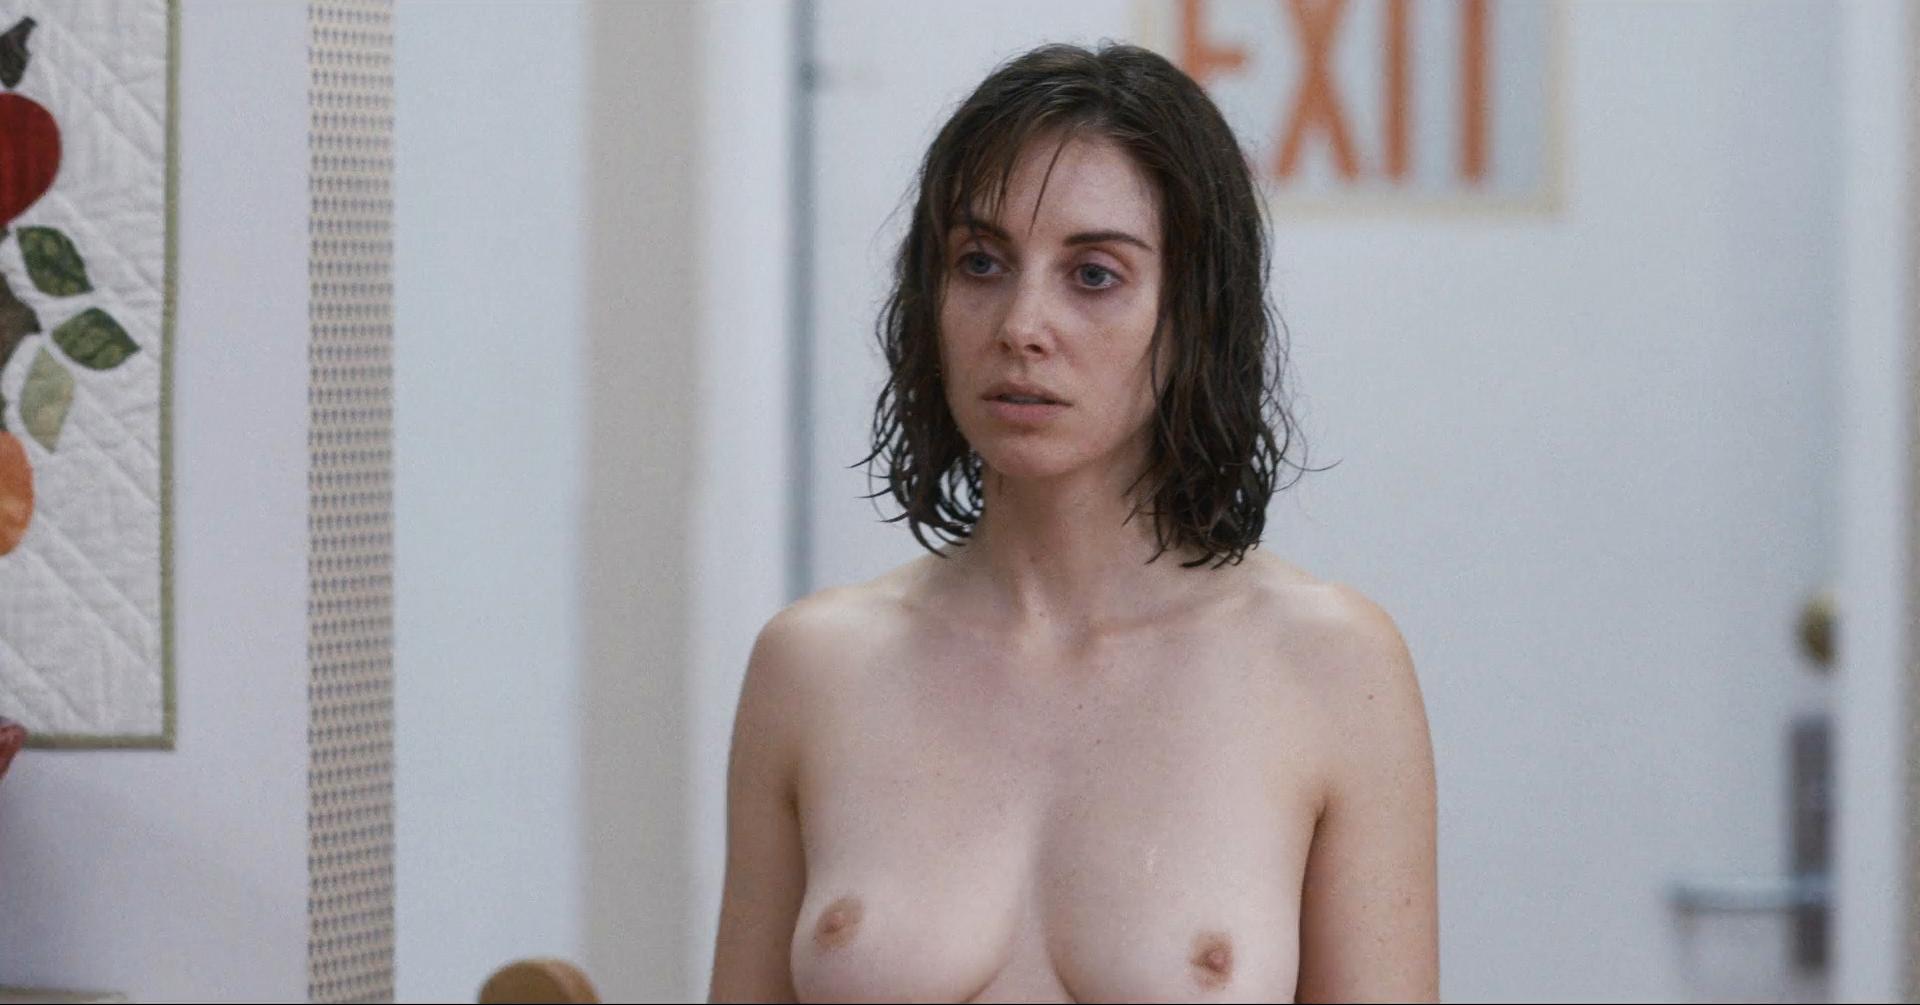 Alison Brie Nude Scene